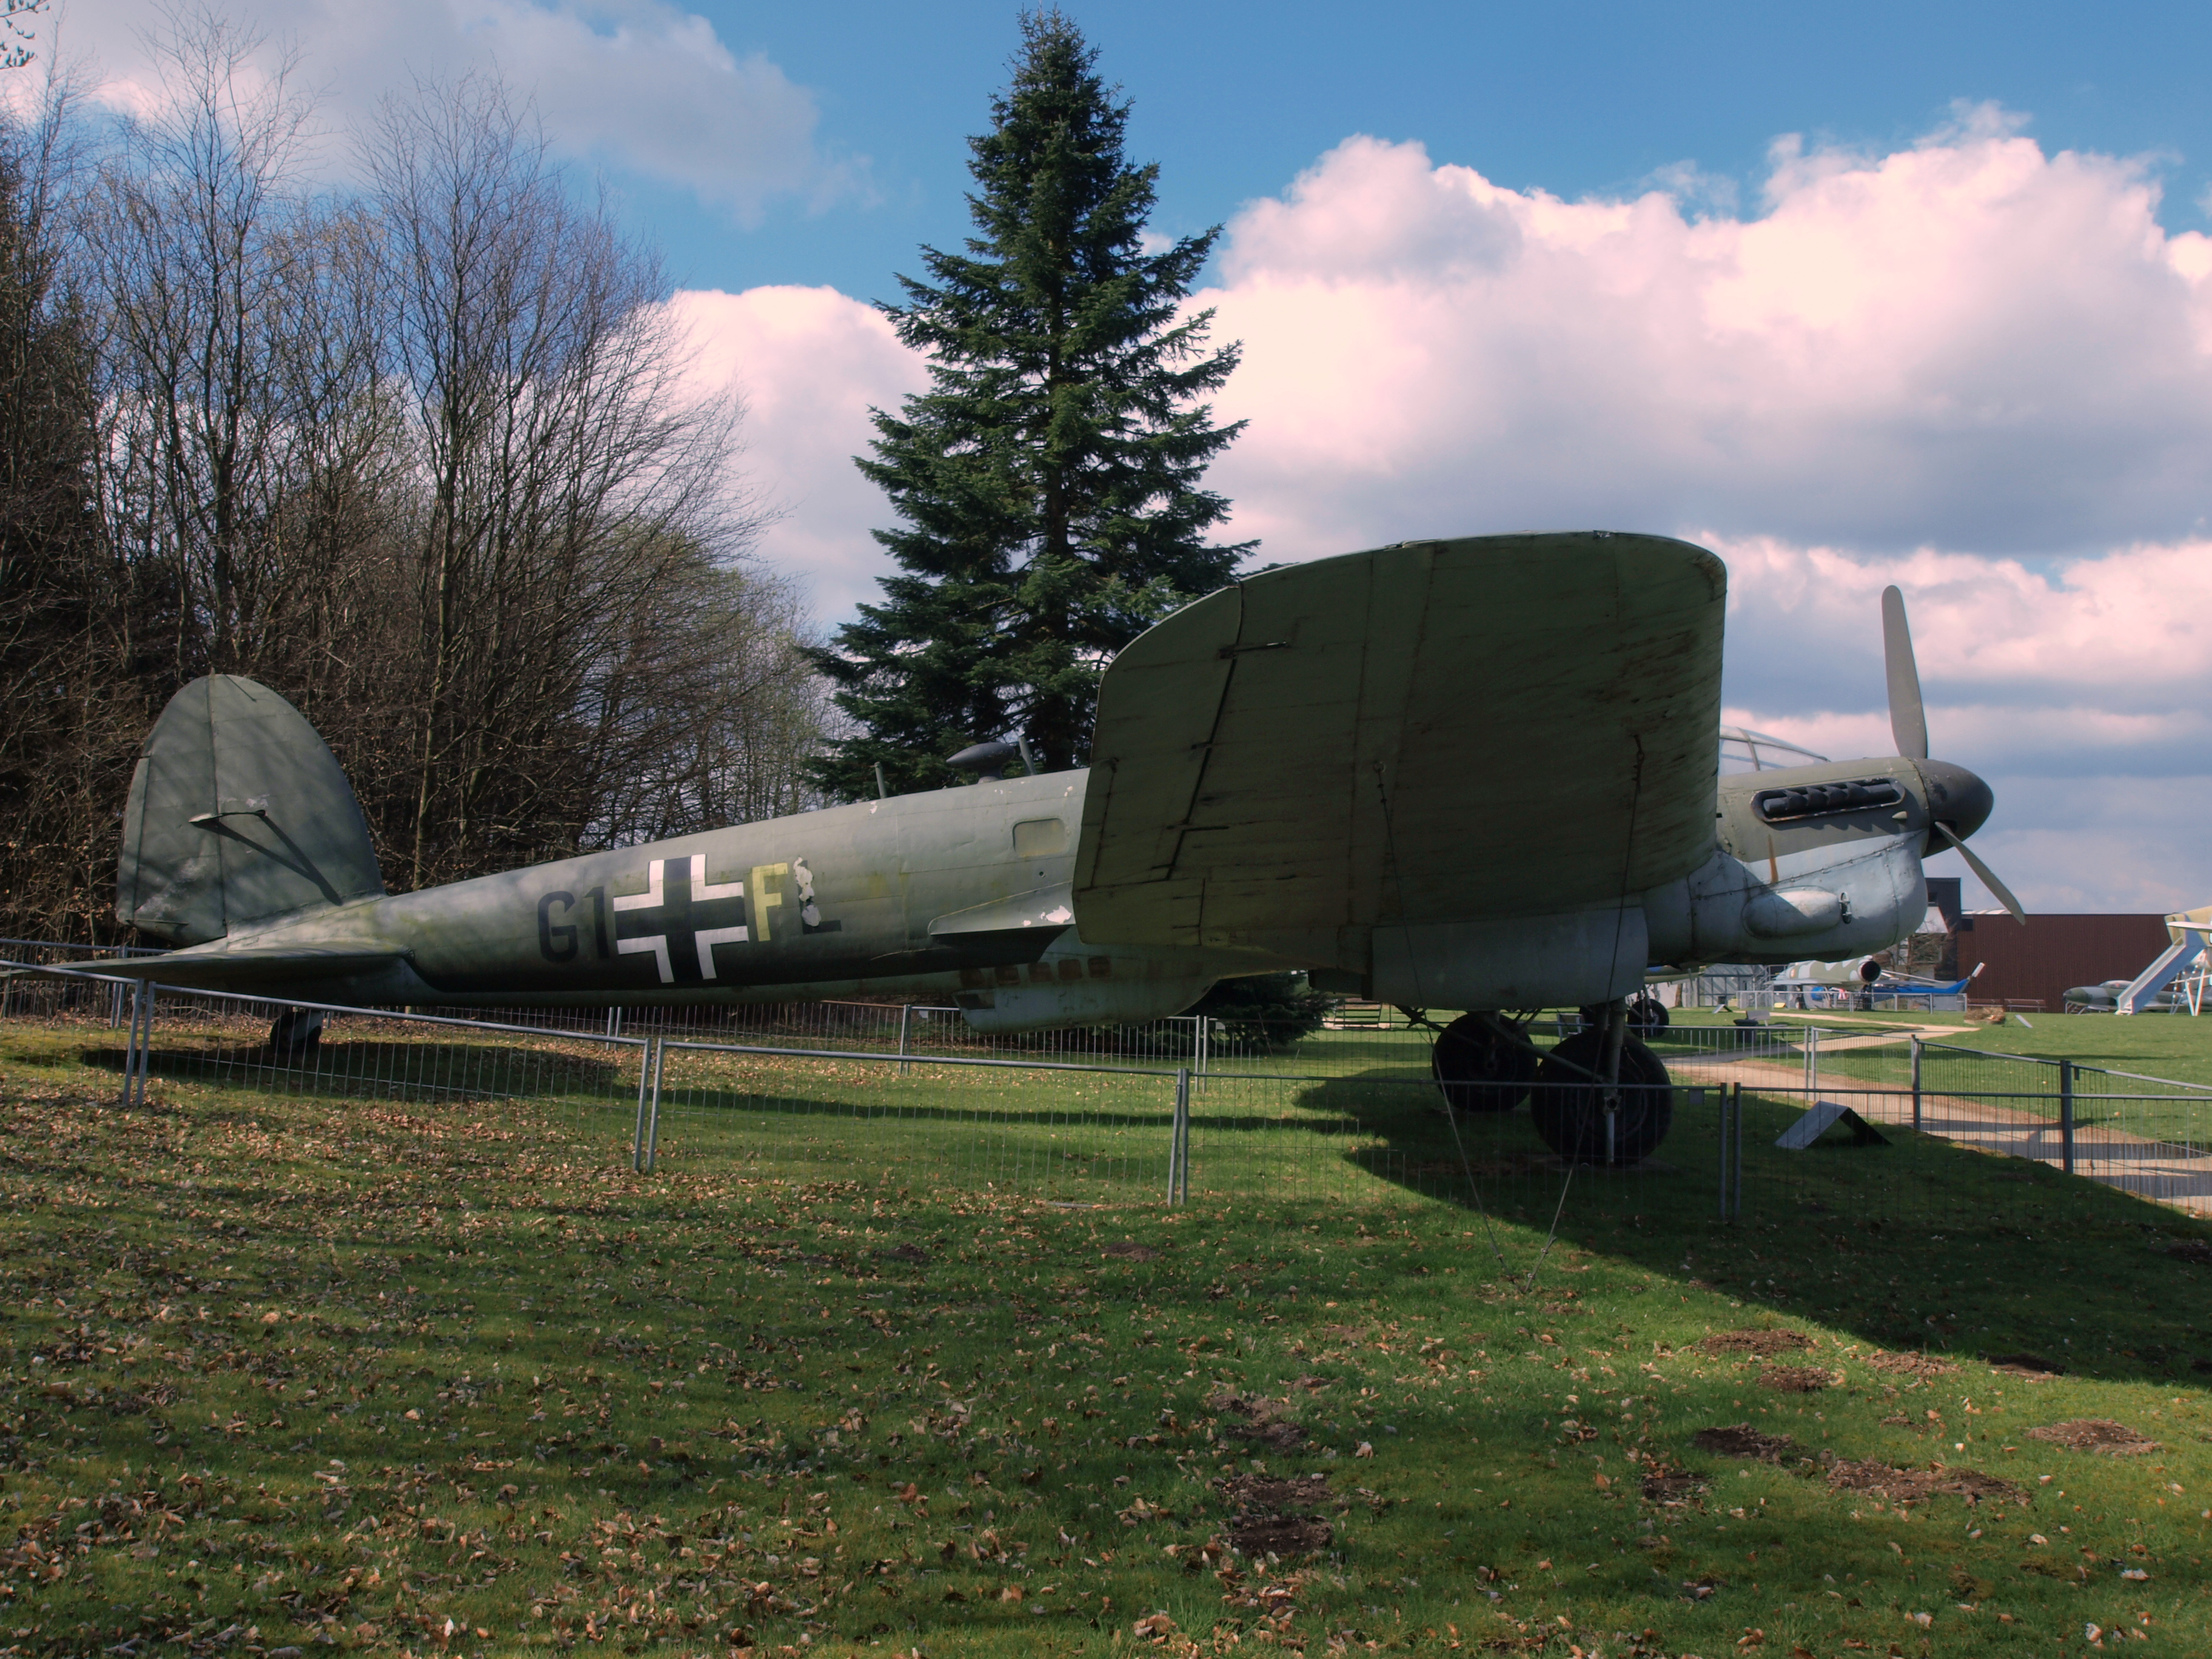 File:Heinkel HE 111 H16 pic-5.JPG - Wikimedia Commons